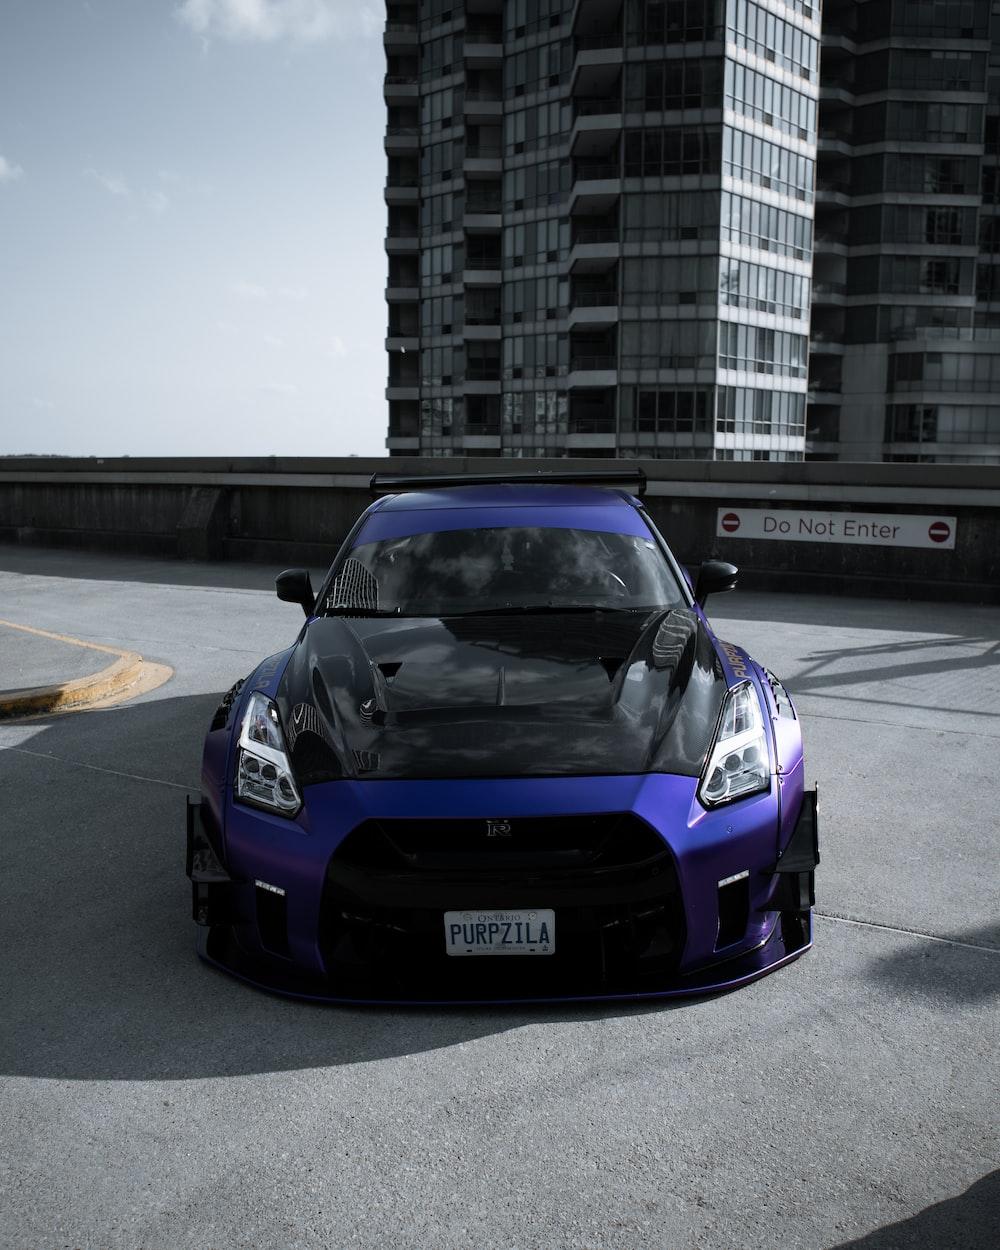 purple porsche 911 on road during daytime